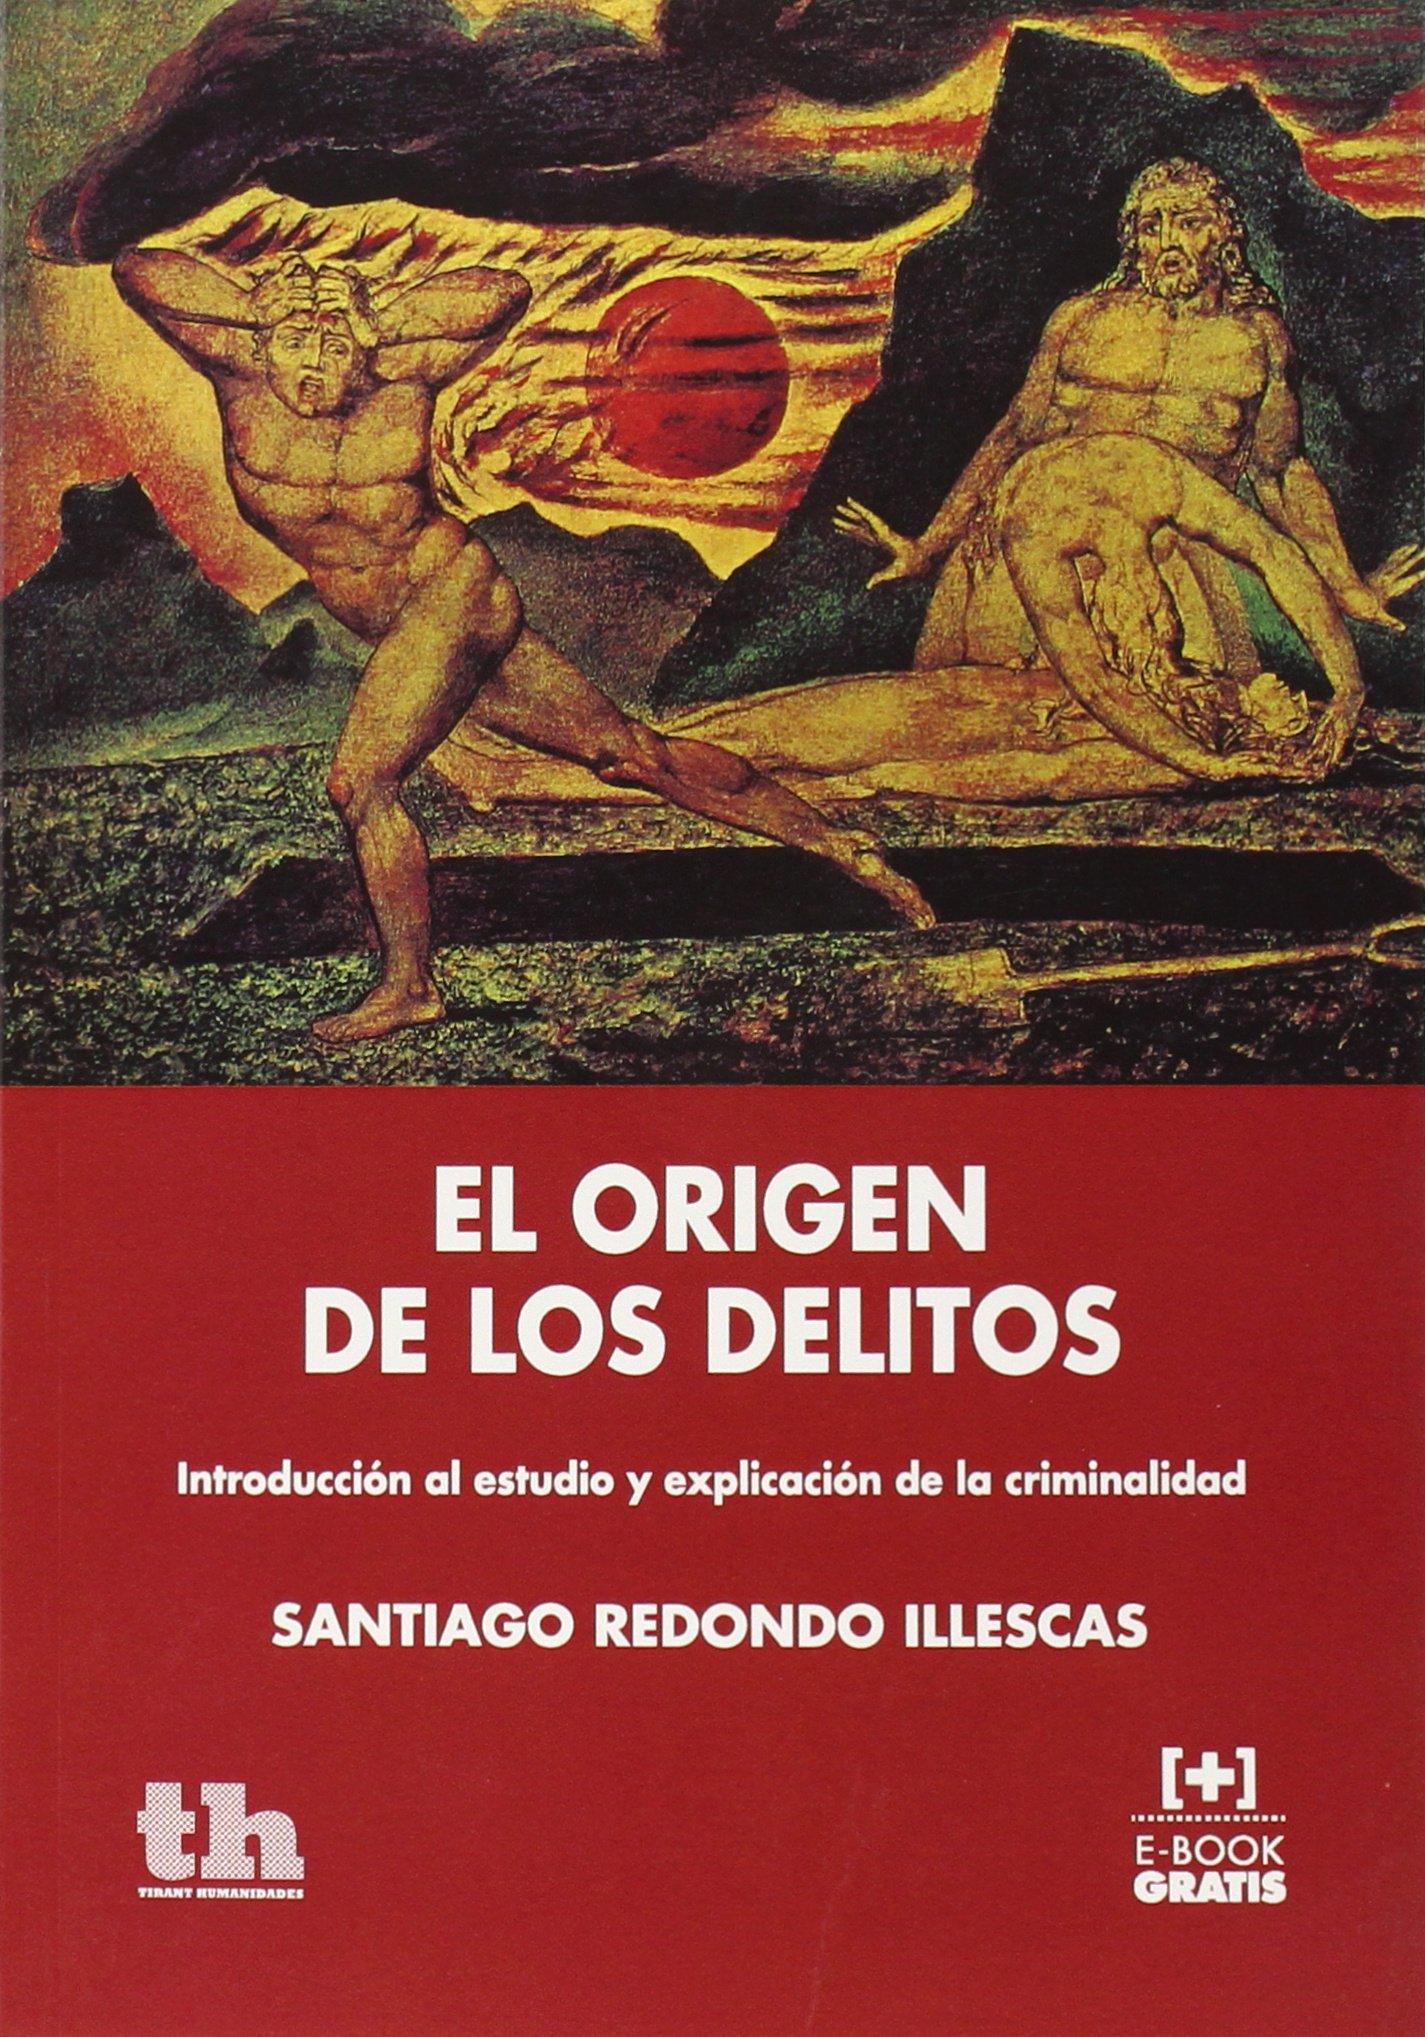 El Origen de los Delitos (Plural): Amazon.es: Santiago Redondo Illescas: Libros